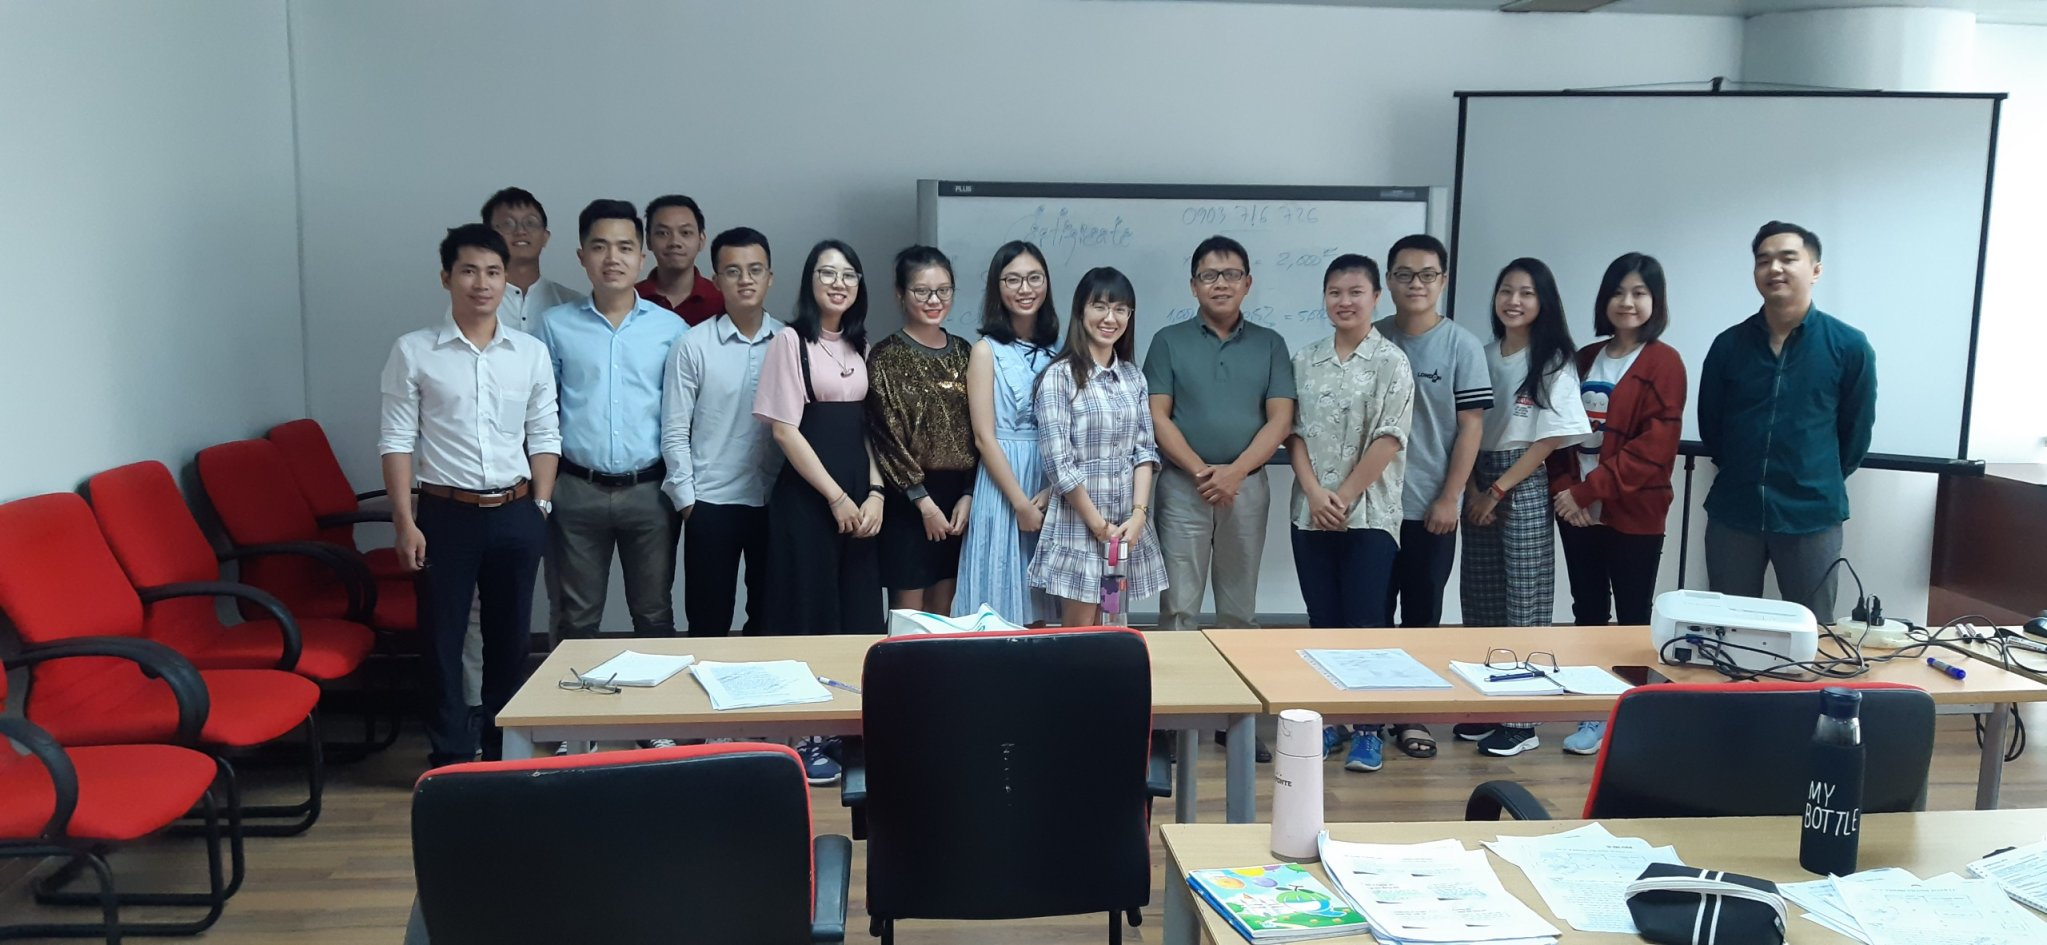 Thầy Tô Thanh Tuấn chụp ảnh kỷ niệm cùng nhân viên công ty TNHH Hóa Chất Biển Việt khi kết thúc chuyên đề đào tạo